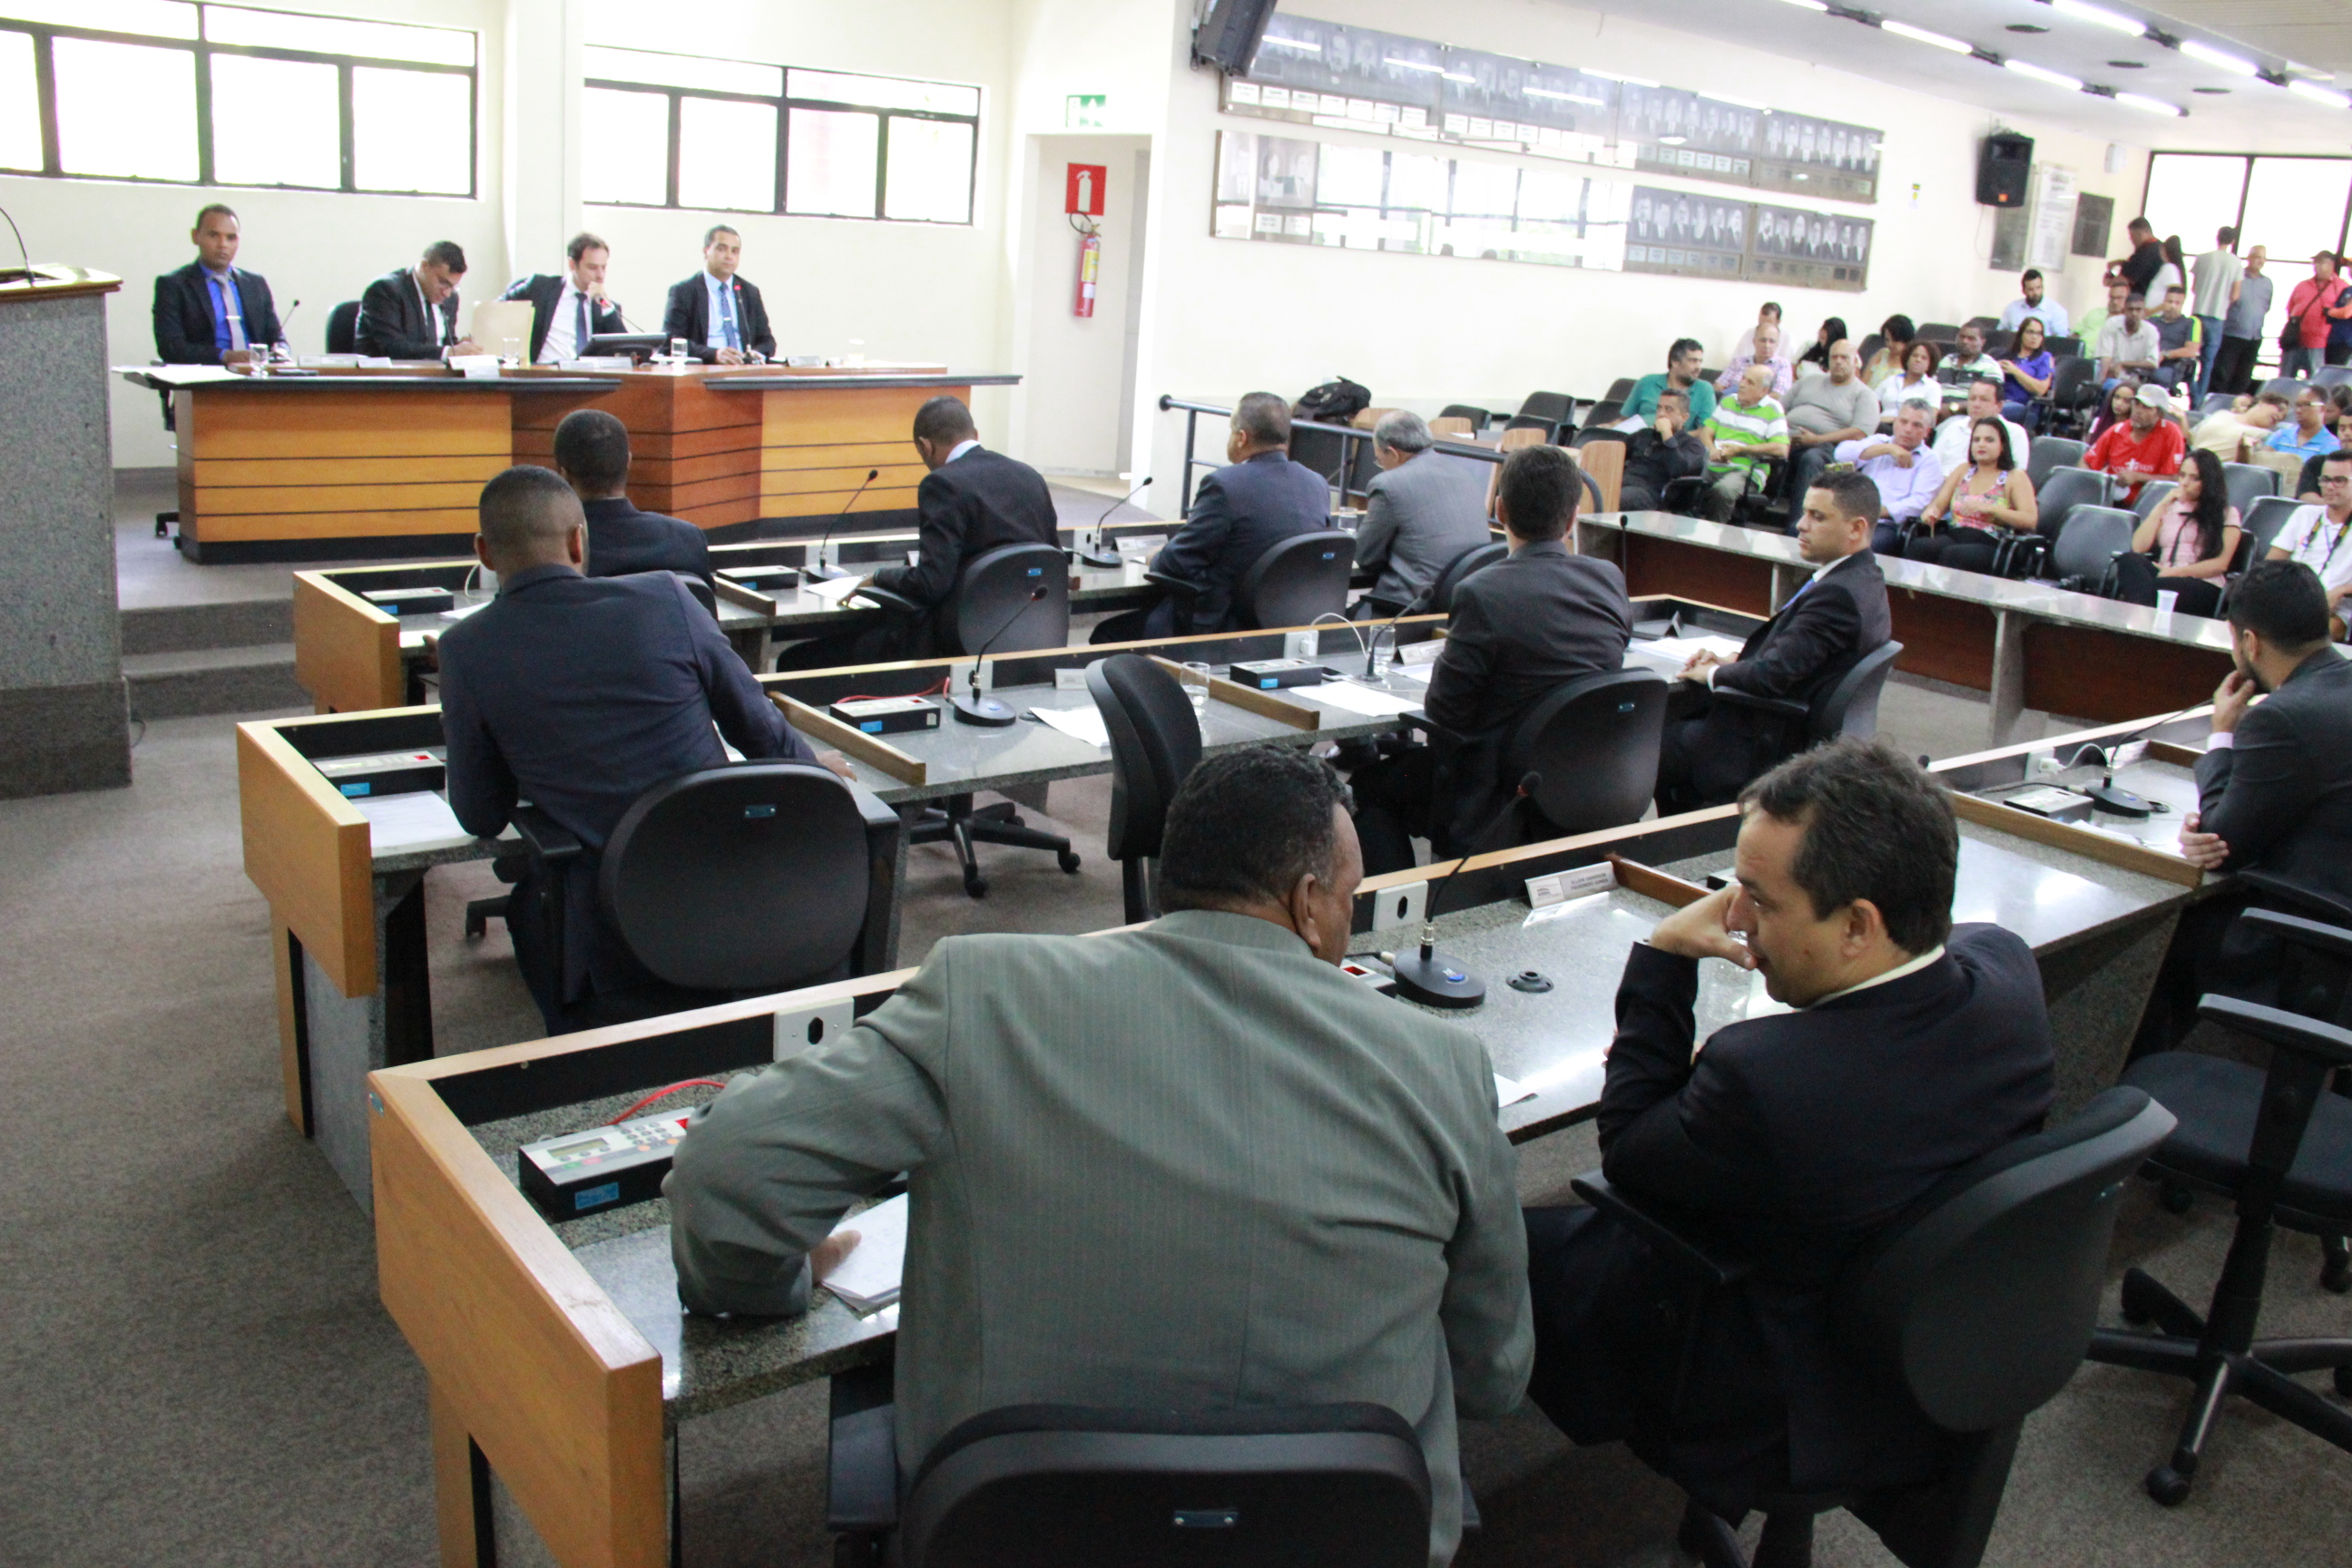 Pausa no recesso: vereadores de Itabira votarão novo empréstimo para a Machado de Assis nesta quinta